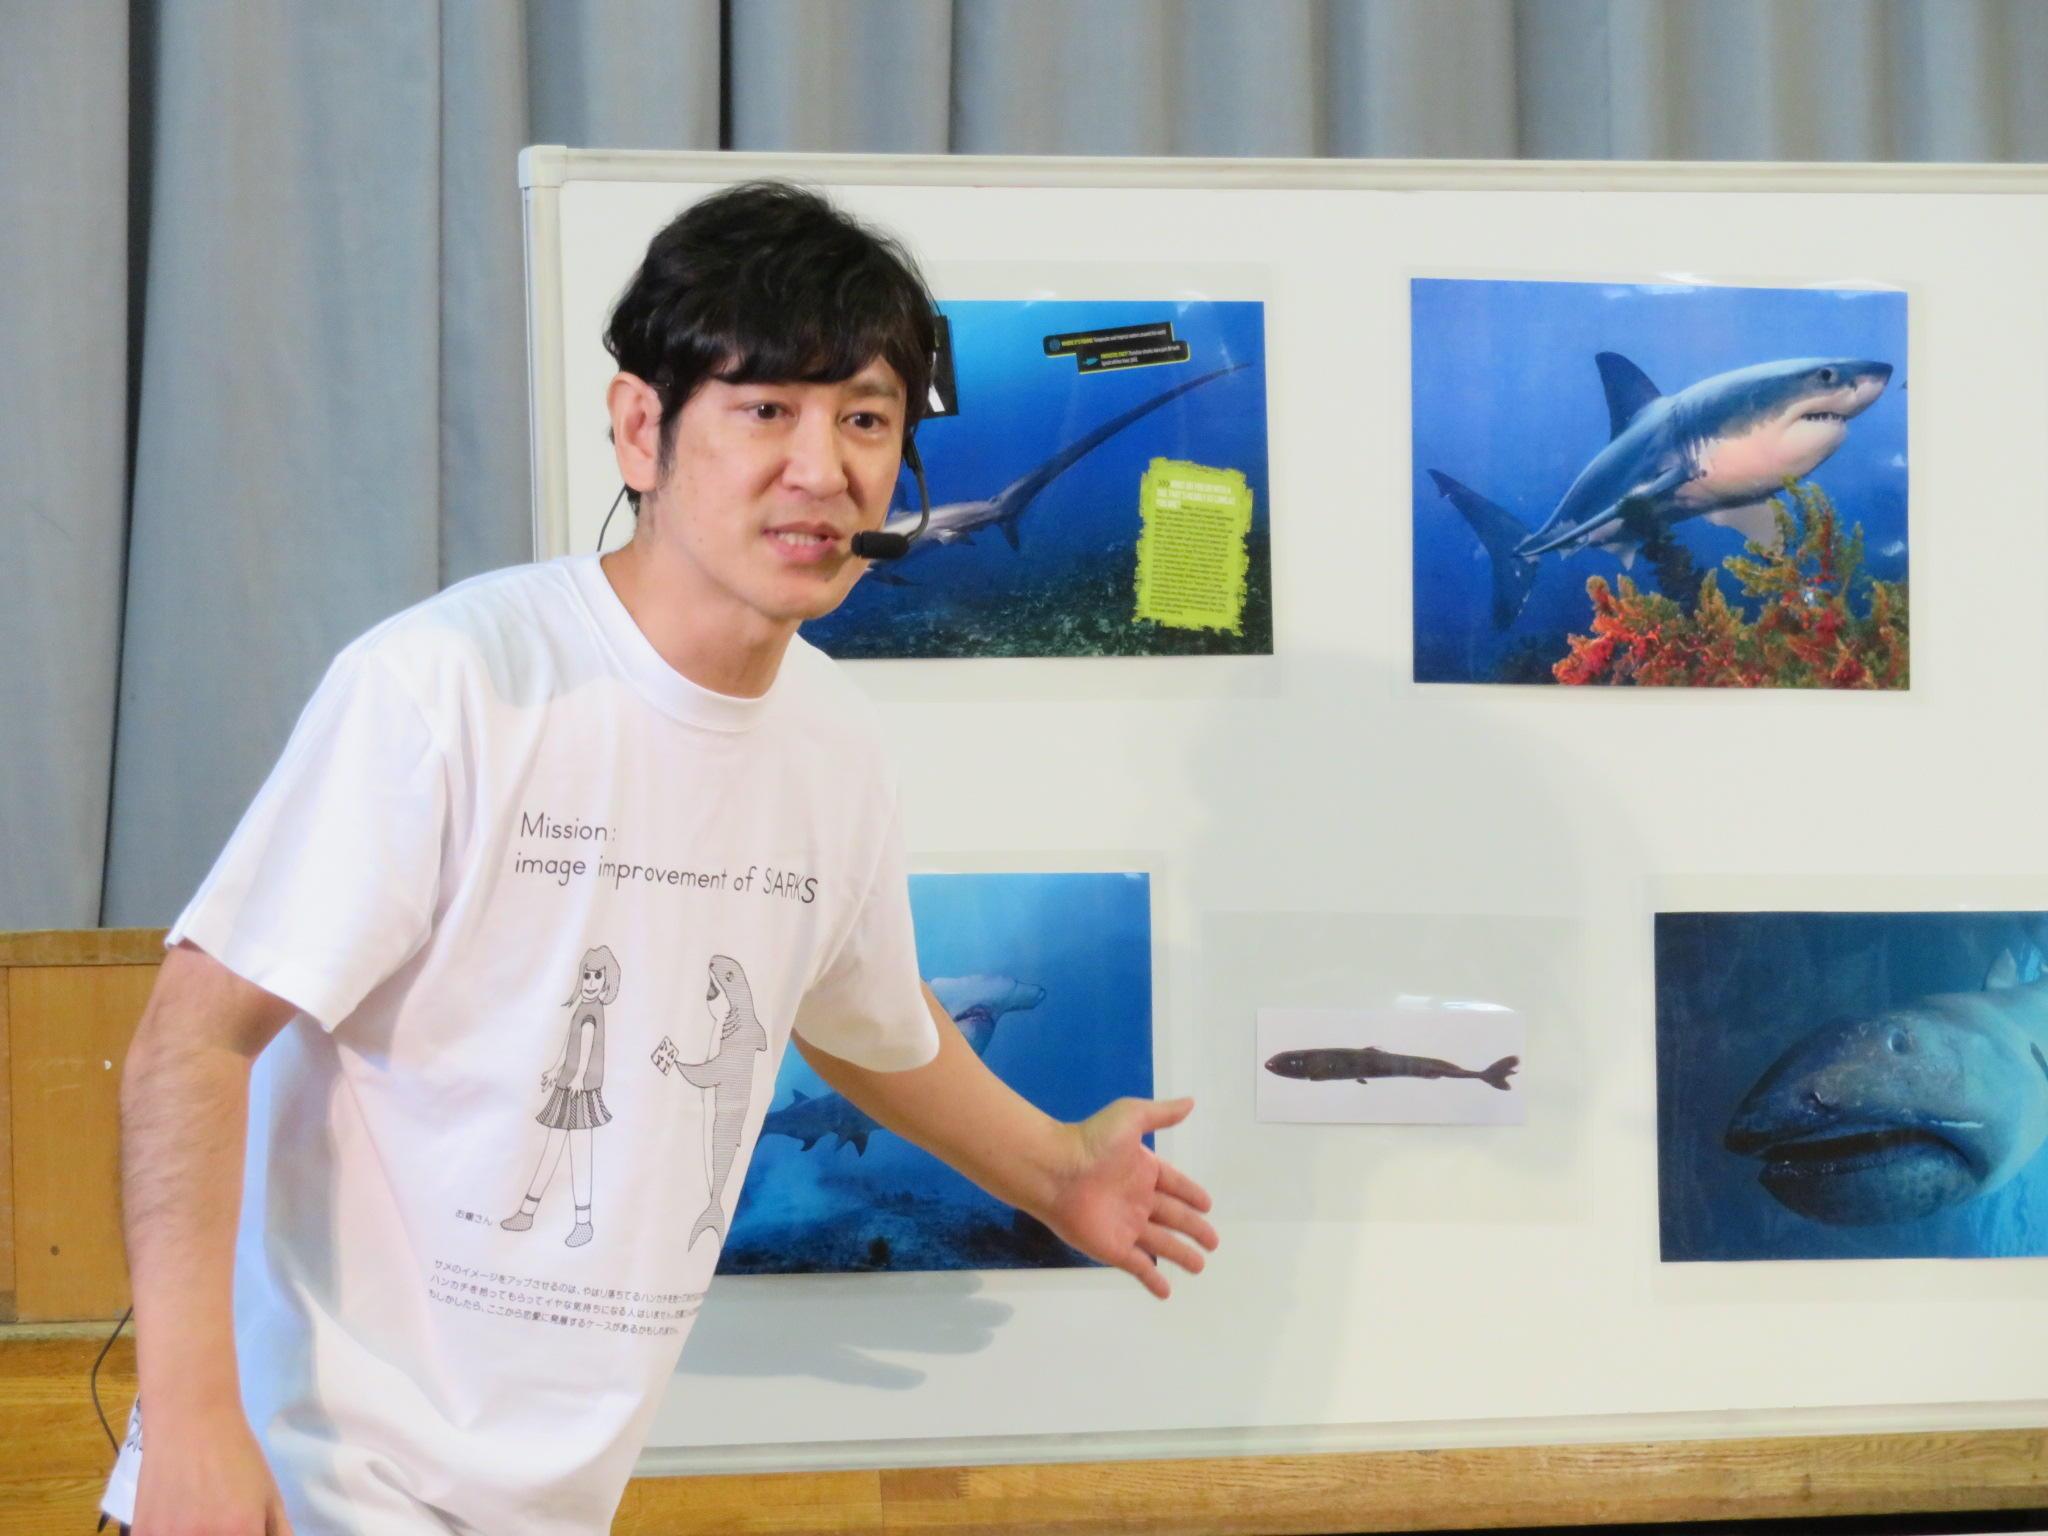 http://news.yoshimoto.co.jp/20181010022601-73136449986bbe31024d09a9c6f6e70a4c965c0a.jpg